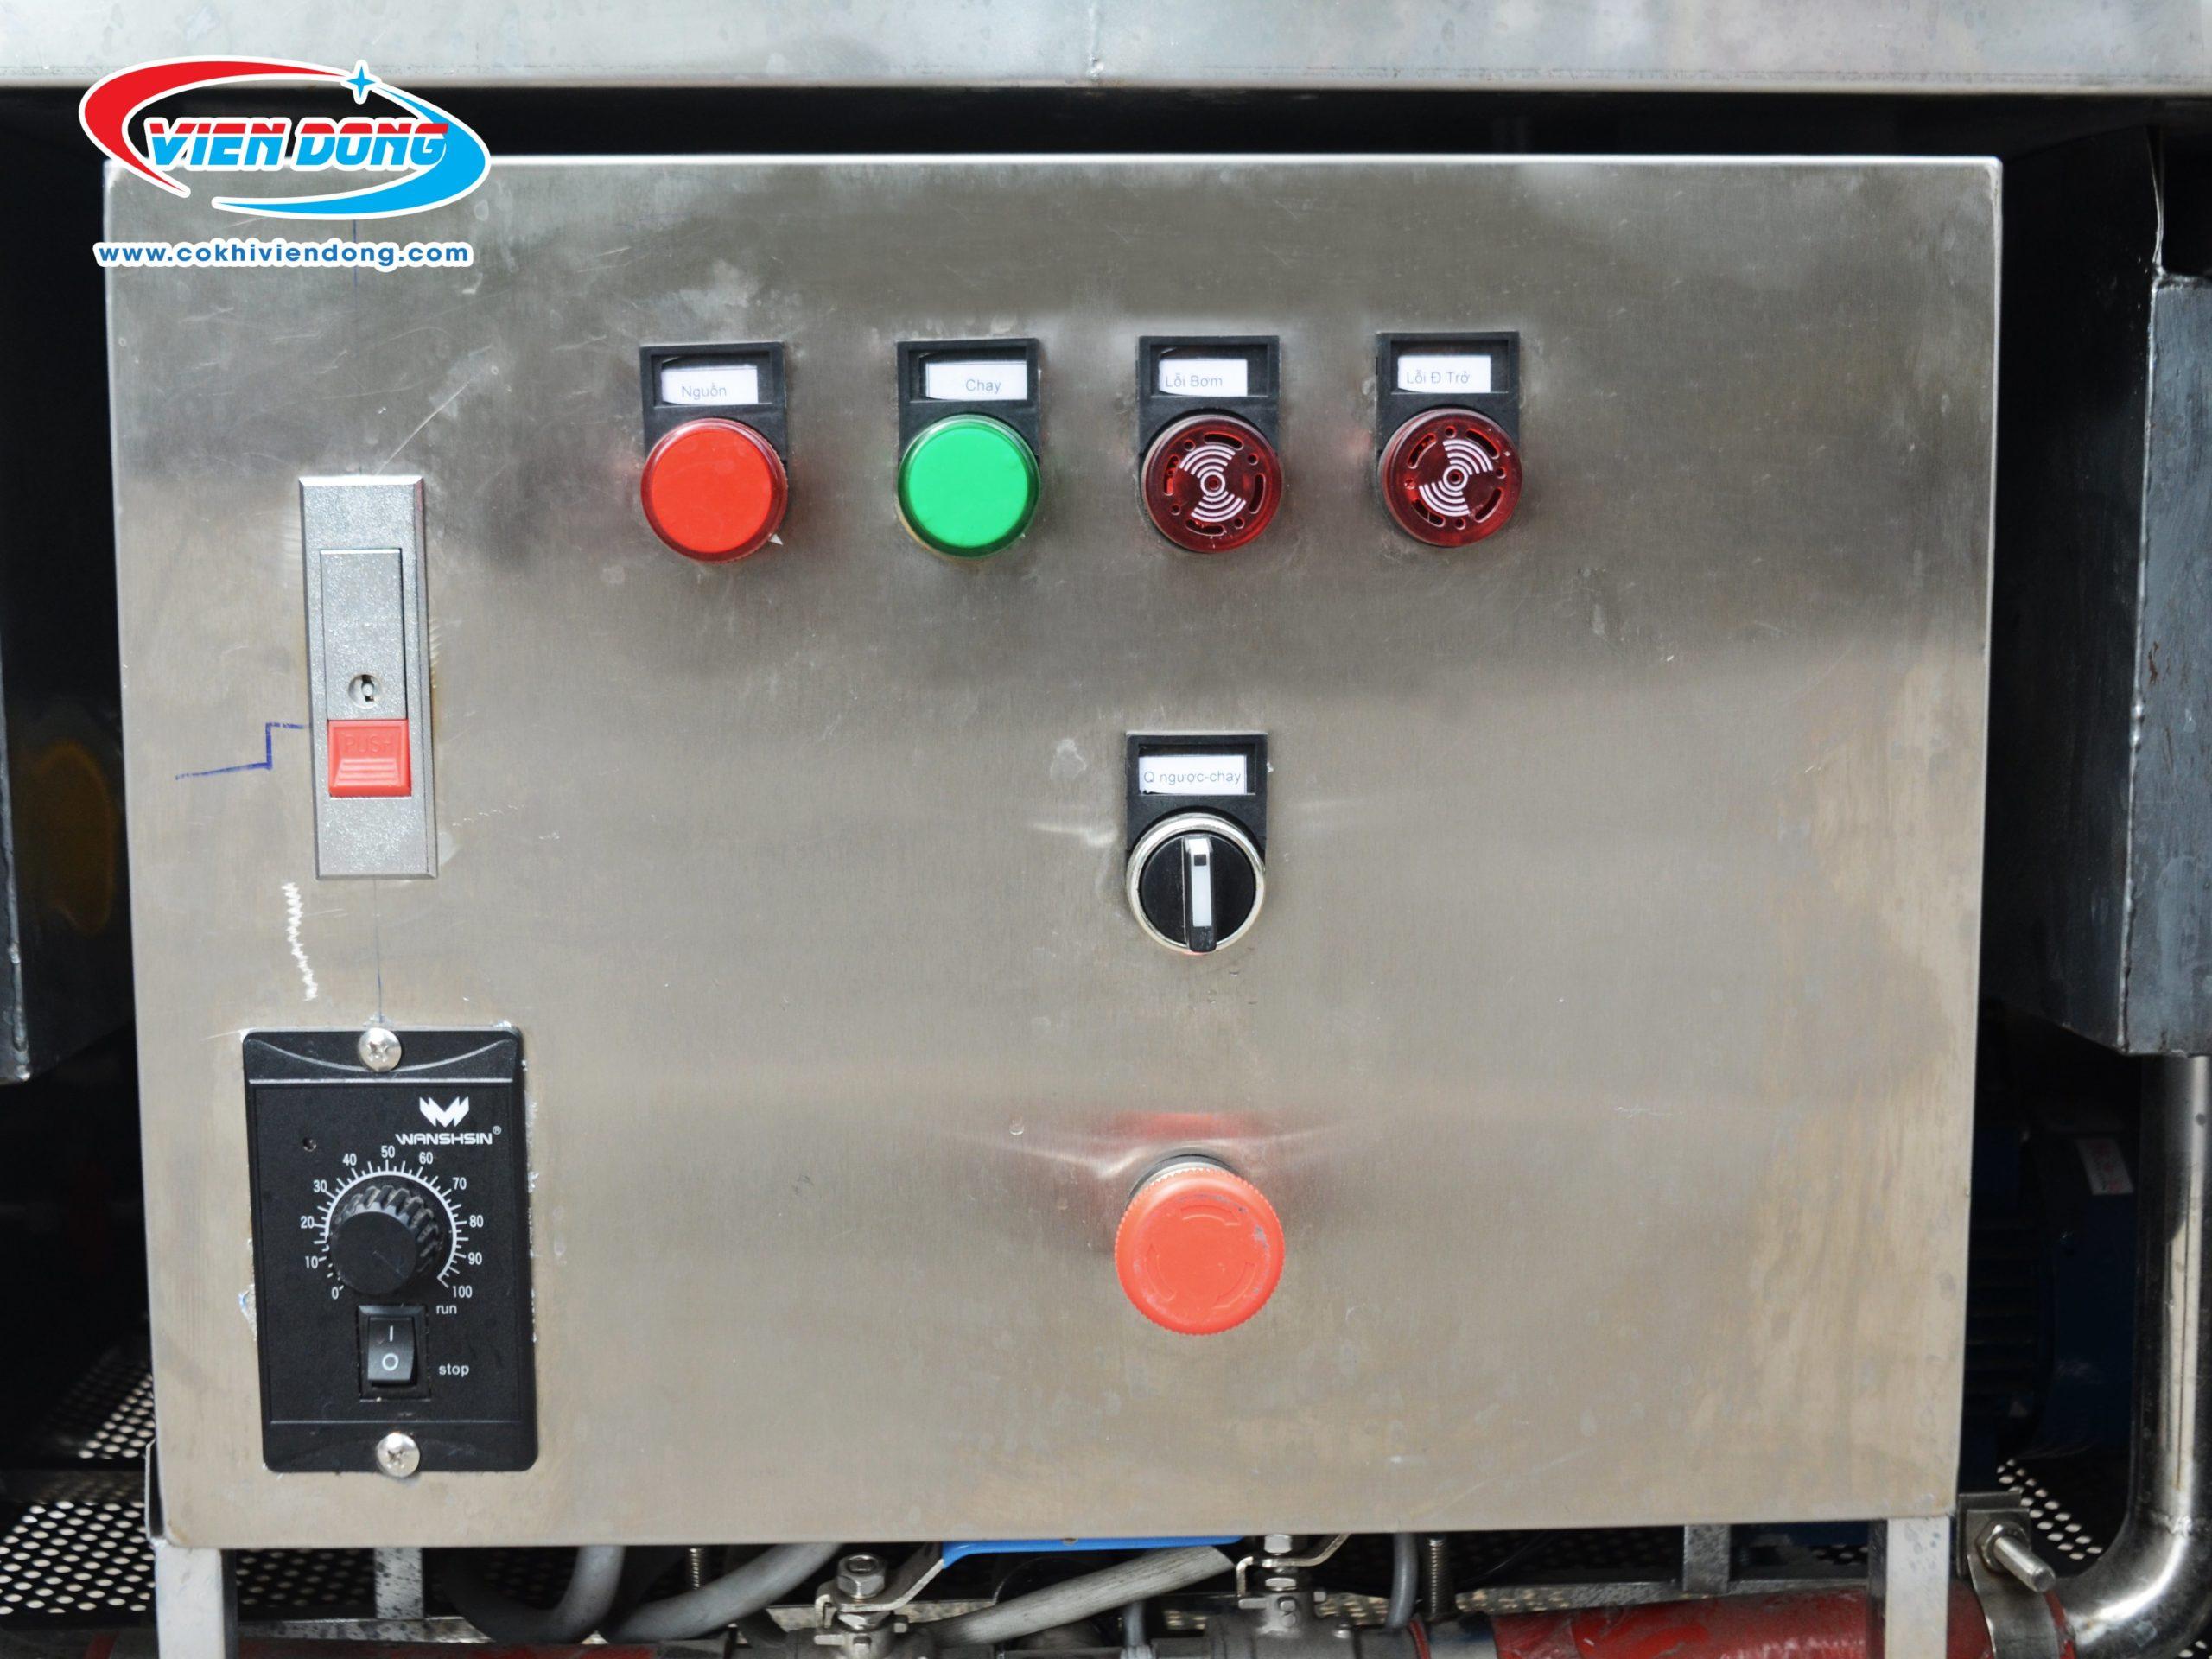 Bảng điều khiển máy rửa bát